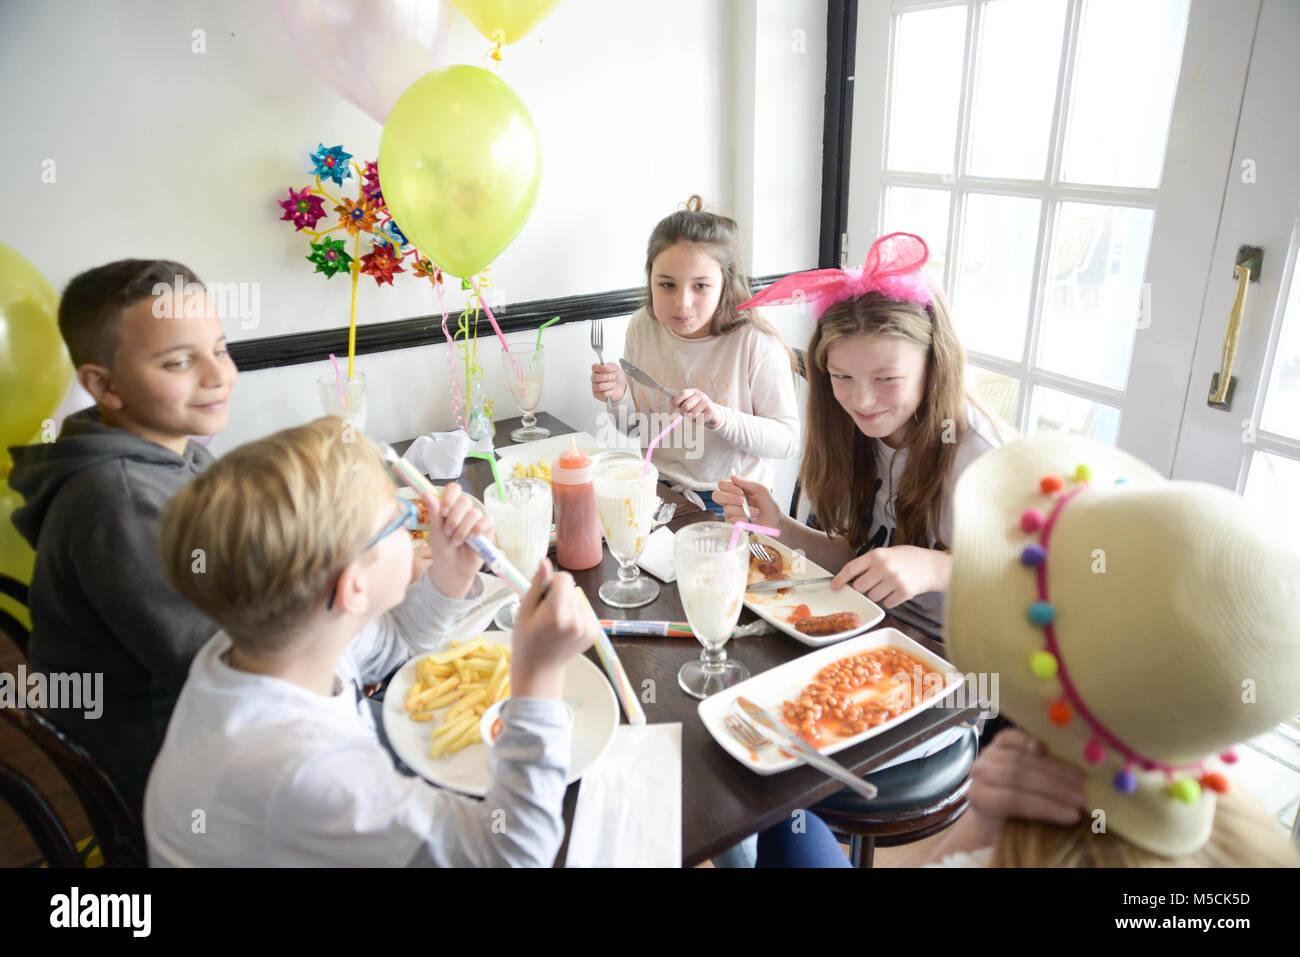 Cinq jeunes enfants sont assis à une table en train de manger les aliments frits parti et de boire des milkshakes Photo Stock